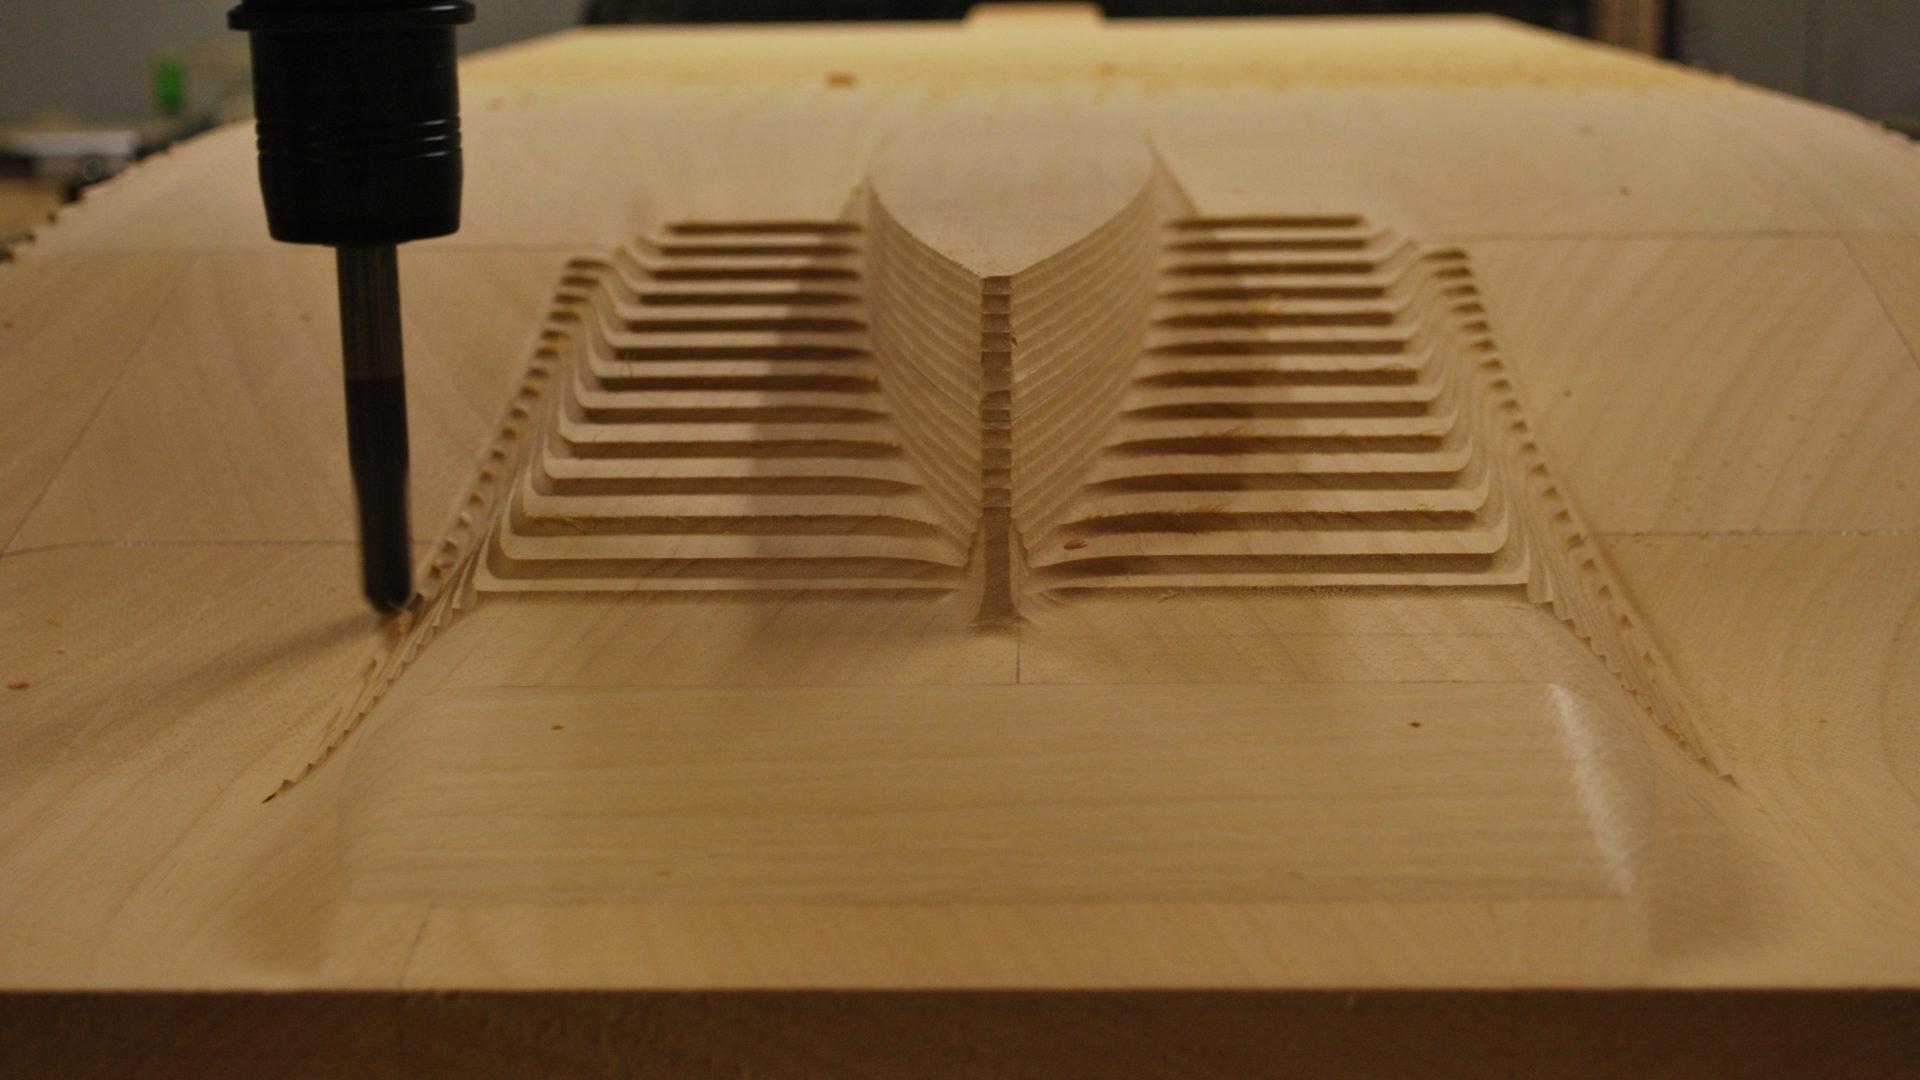 Detailansicht des KUKA KR 210 Roboter beim Fräsen eines Holzmodells.